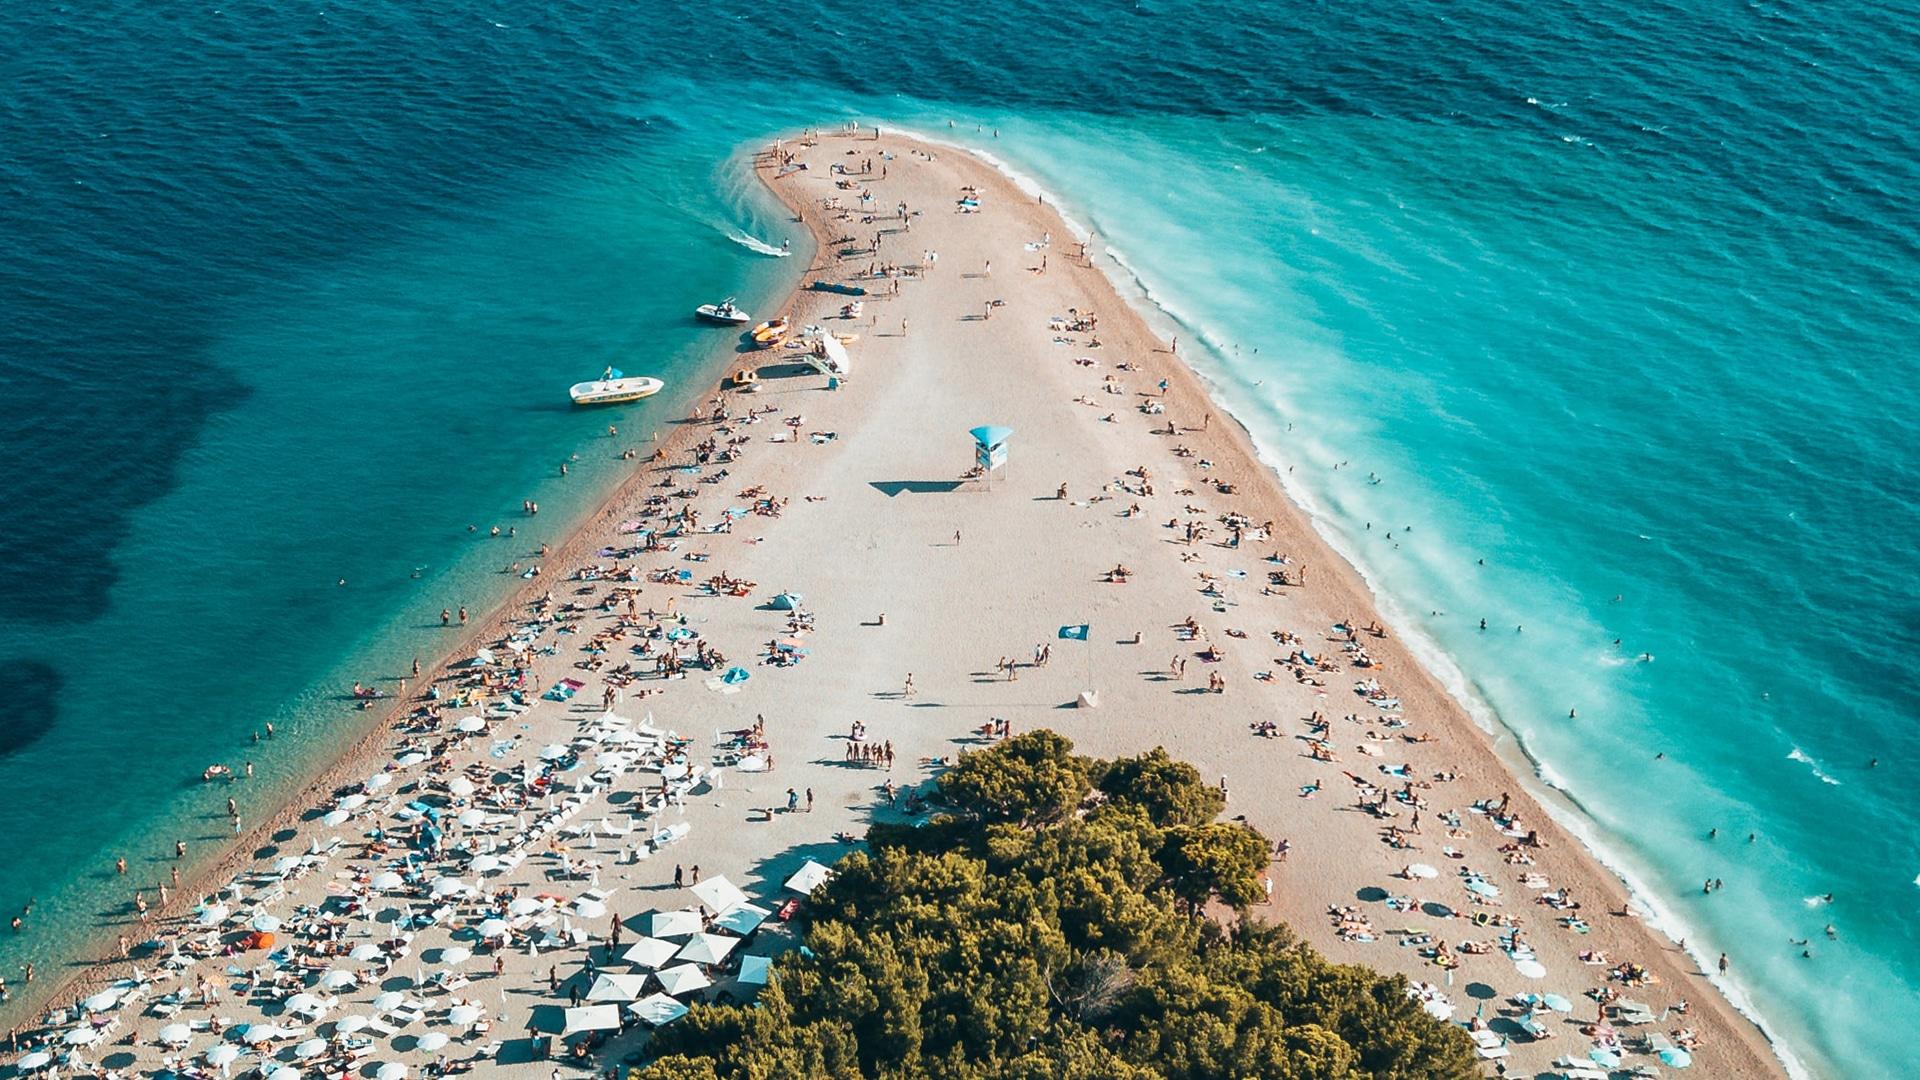 Île de Bol, en Croatie